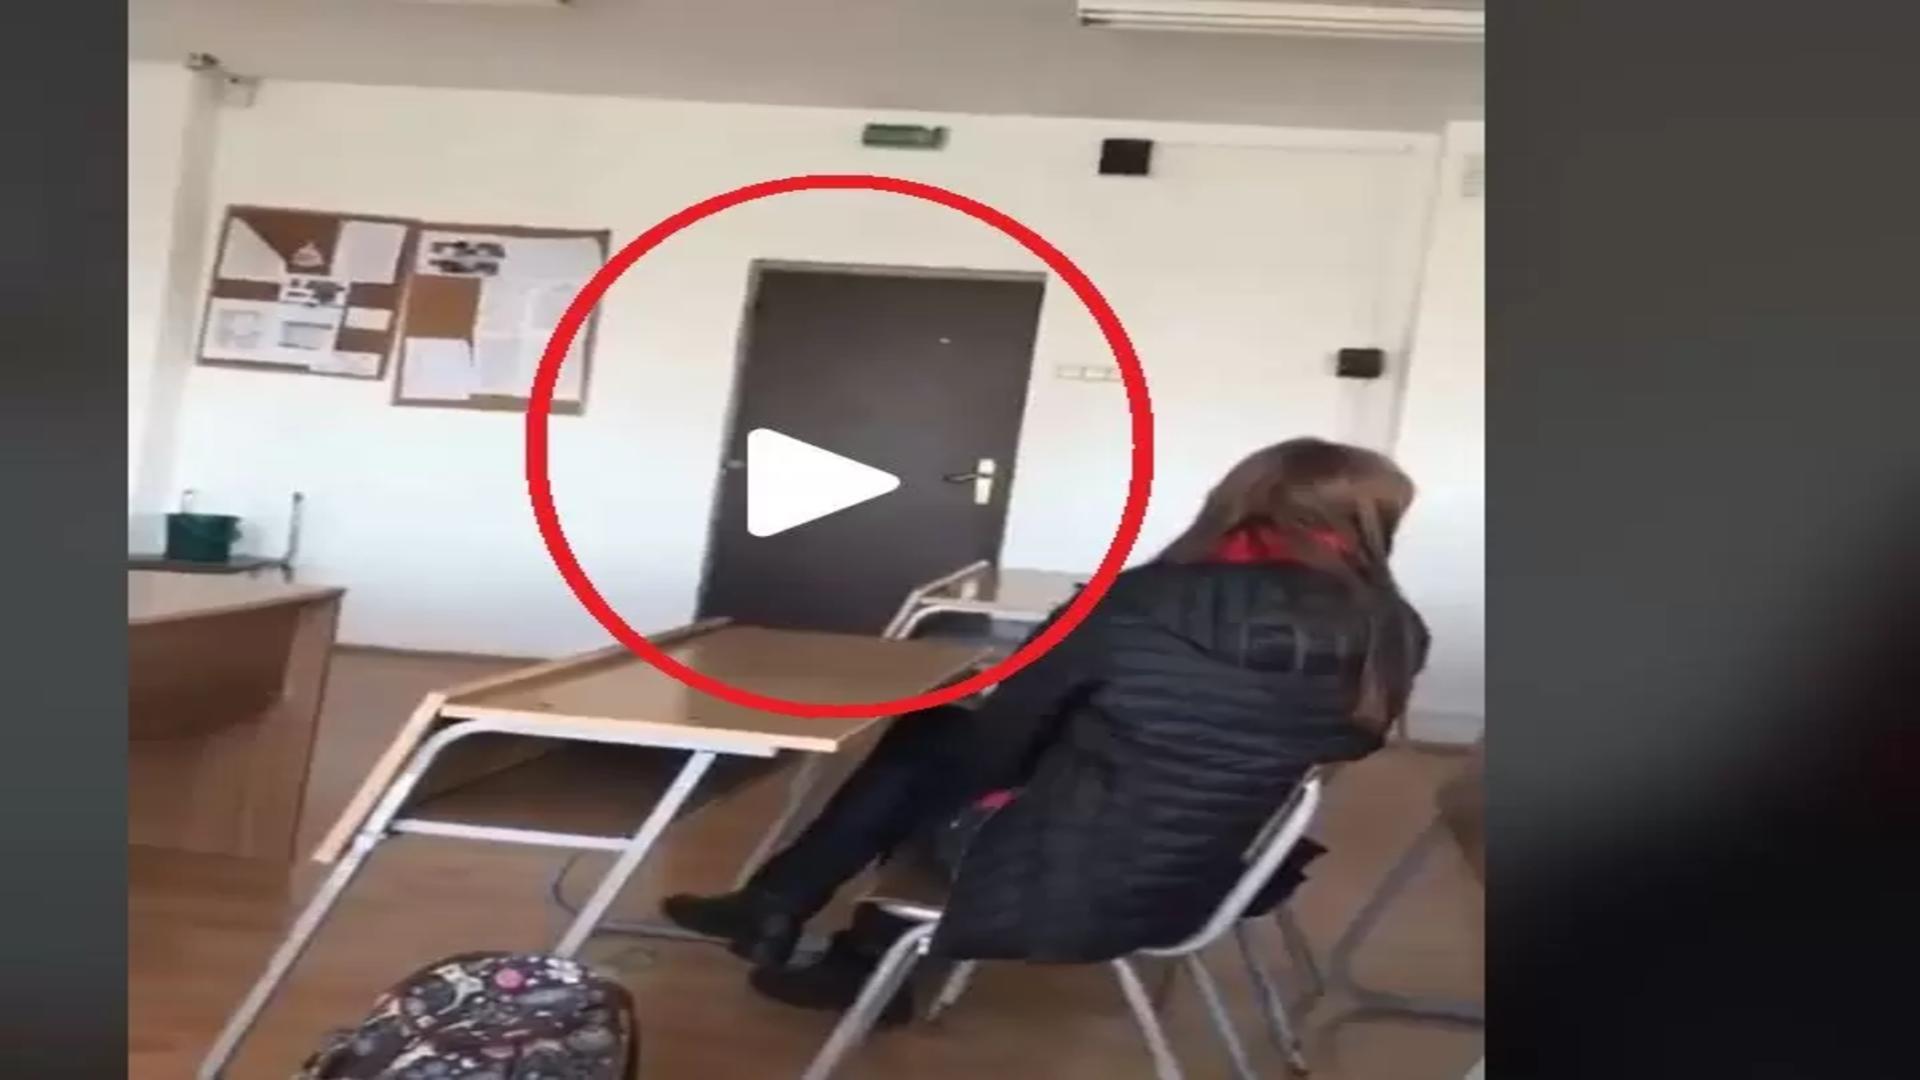 Ușa unei clase